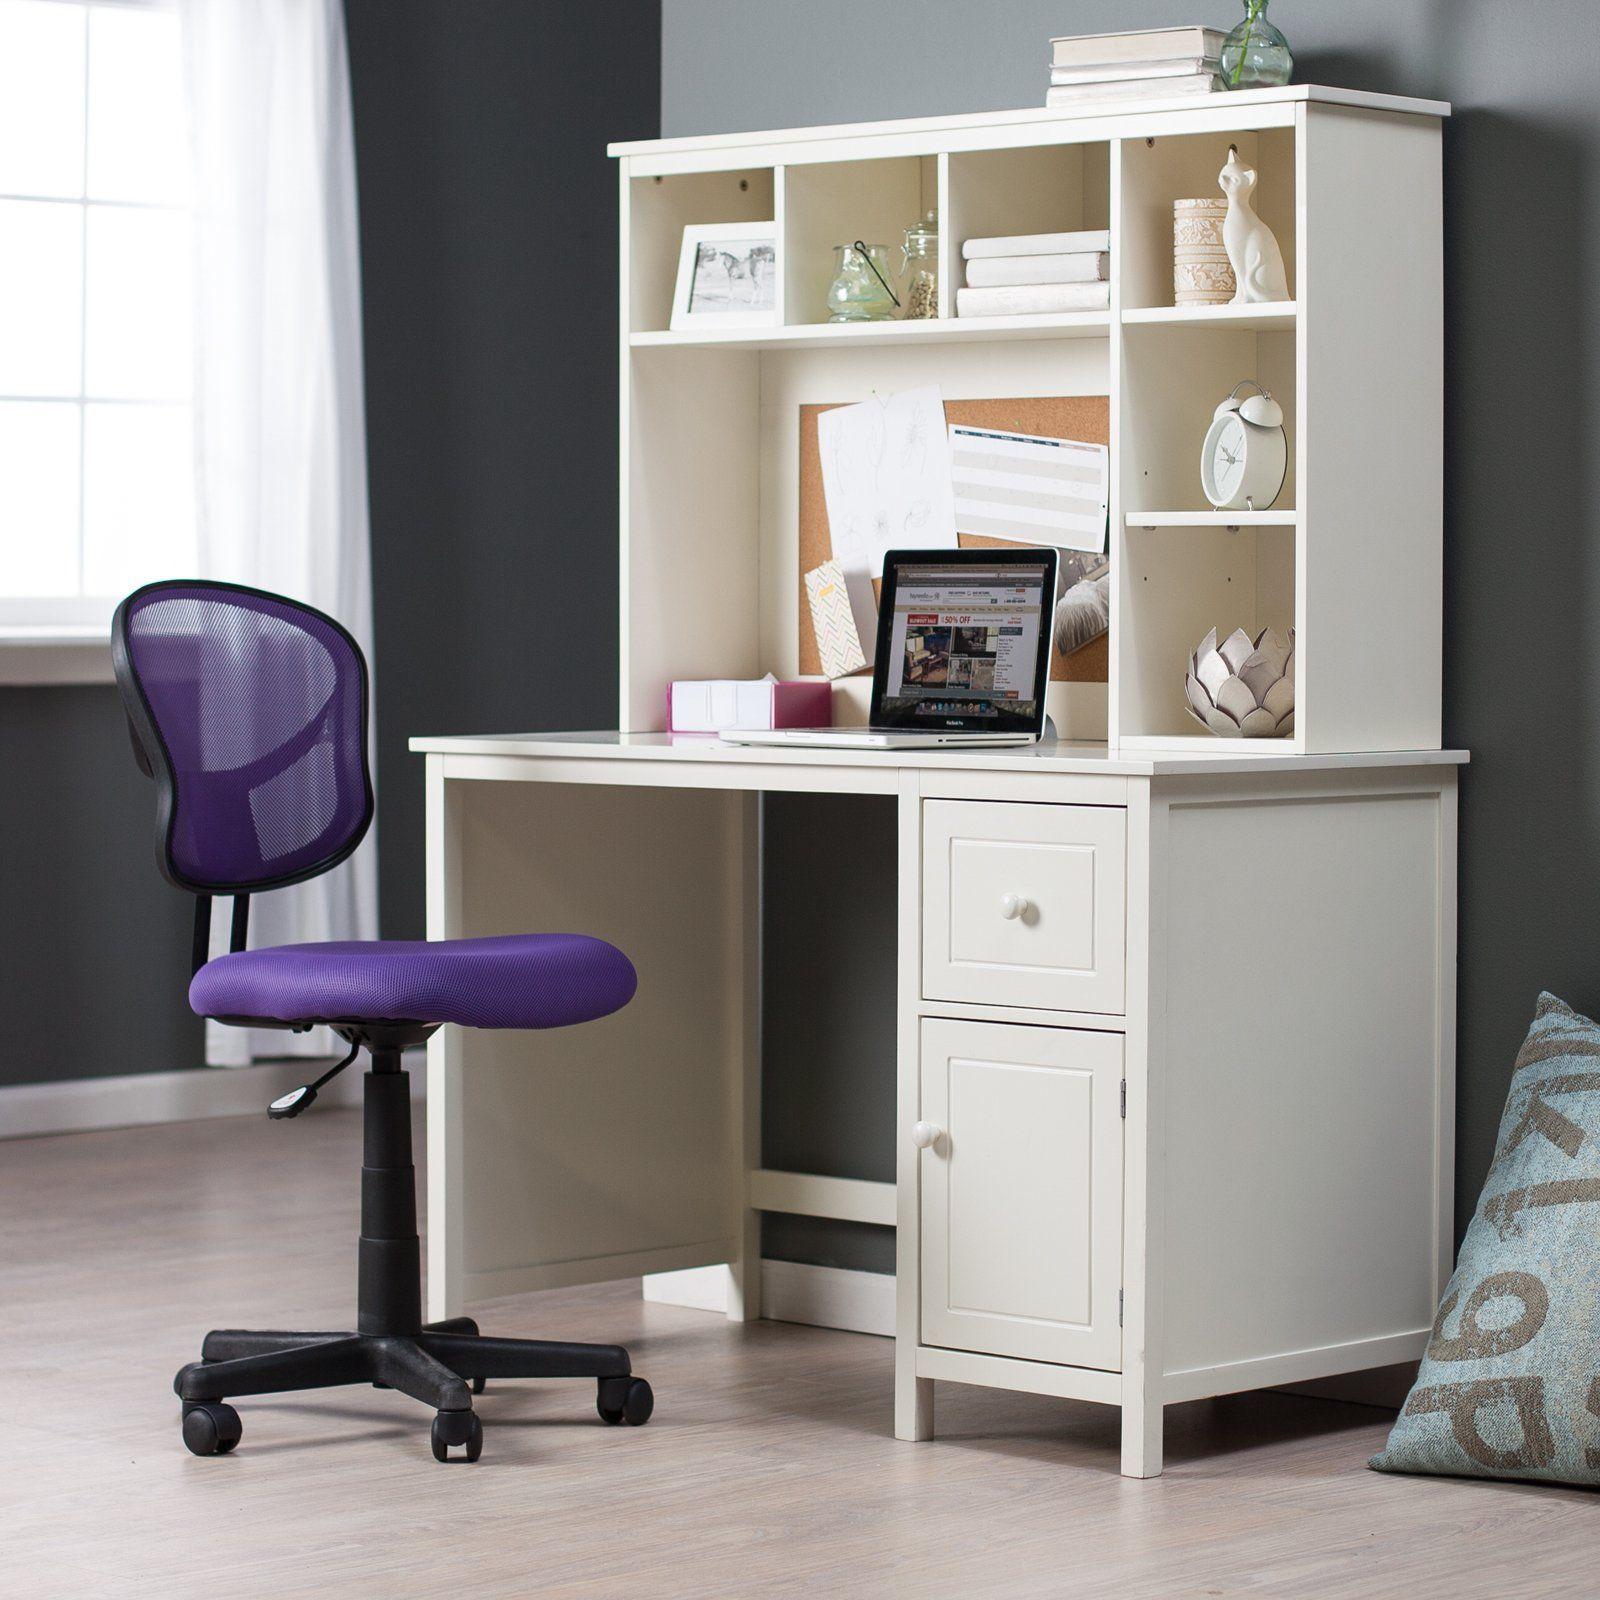 Image result for wide desk w storage NYC bedroom